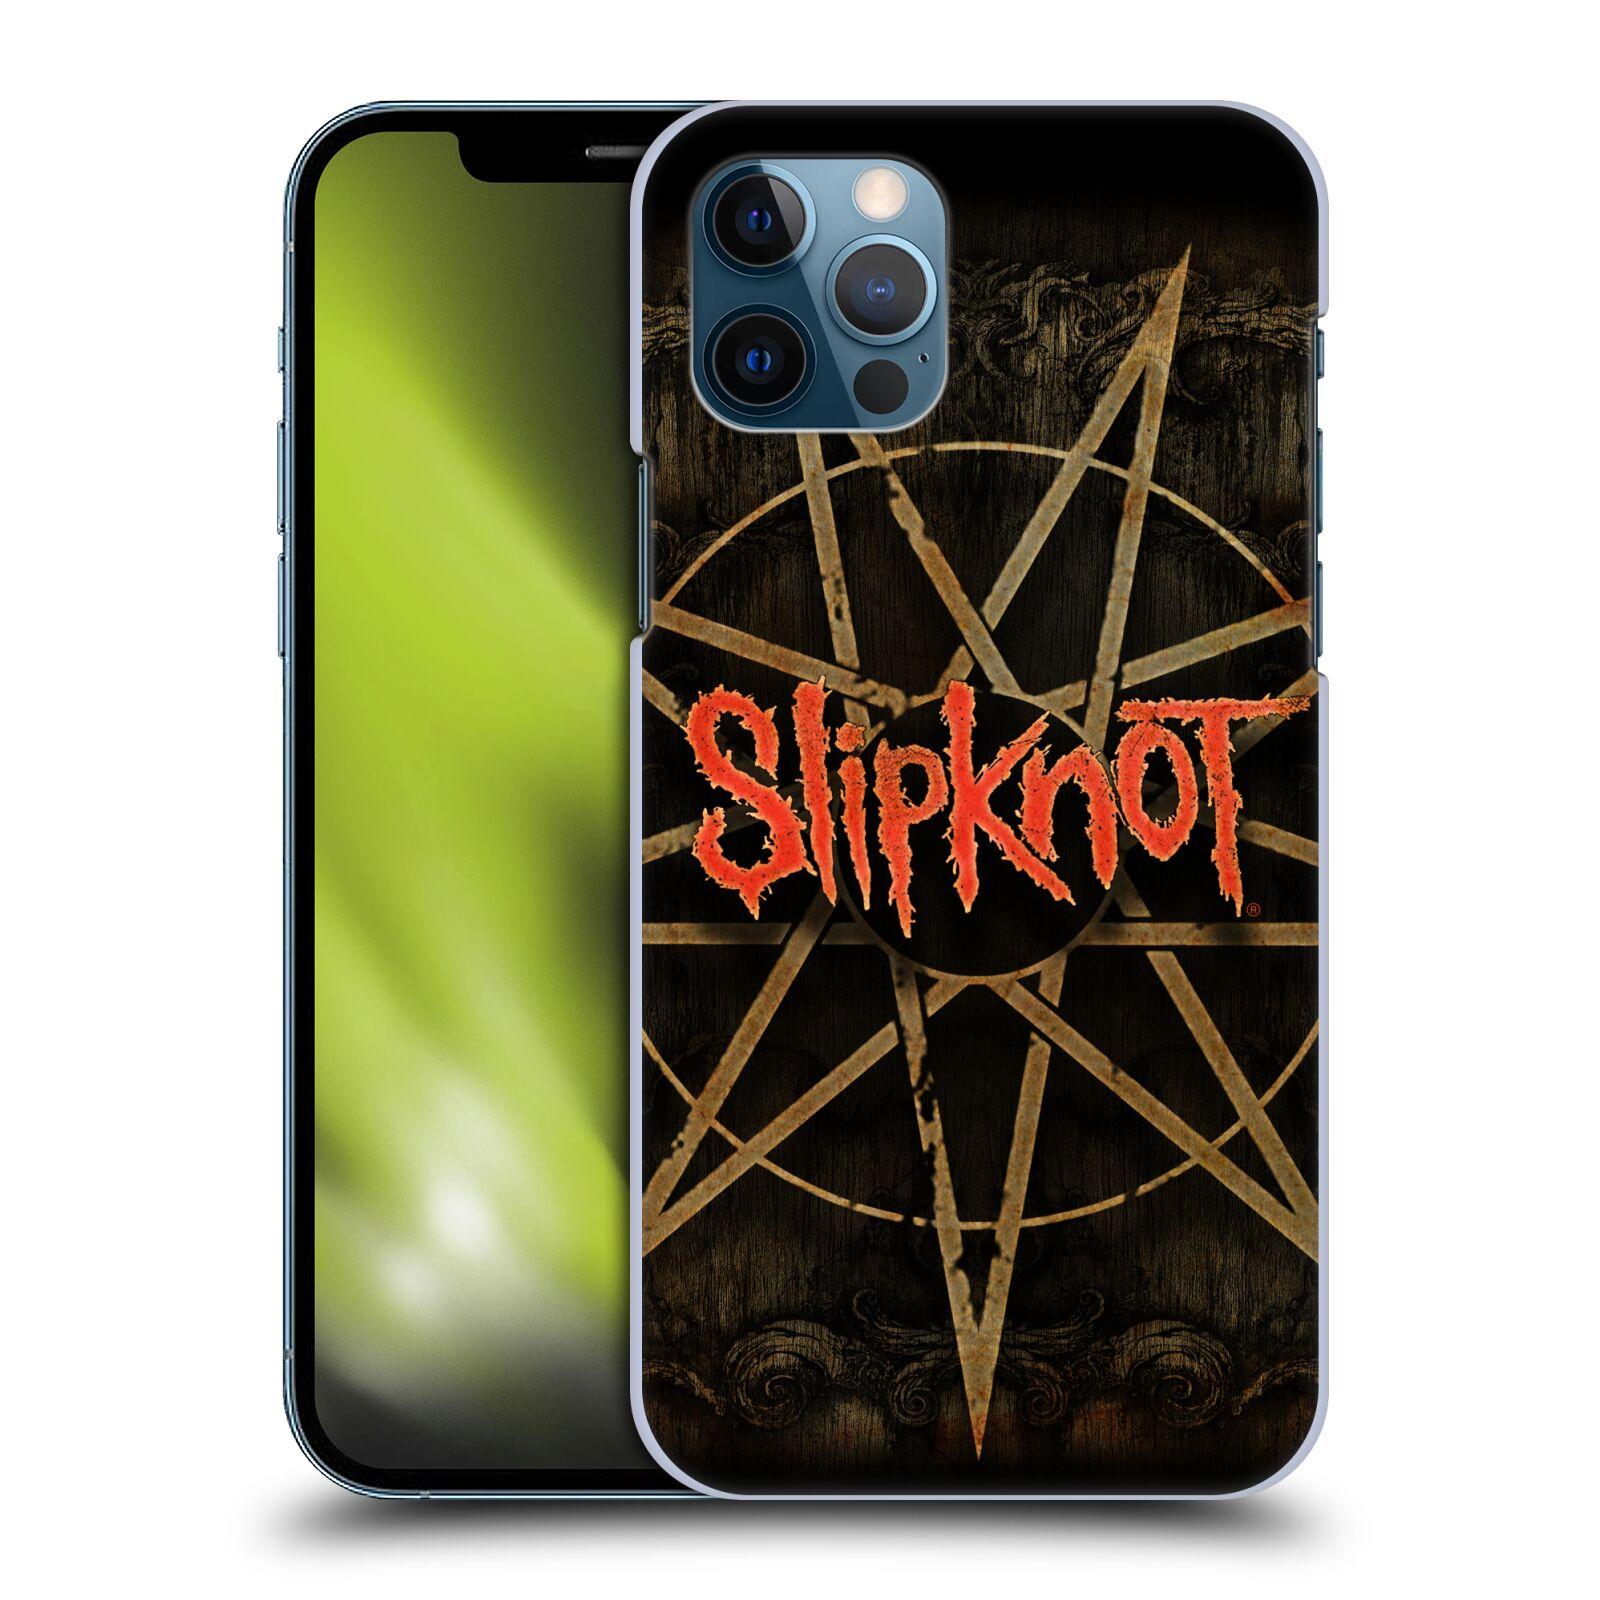 Plastové pouzdro na mobil Apple iPhone 12 / 12 Pro - Head Case - Slipknot - Znak